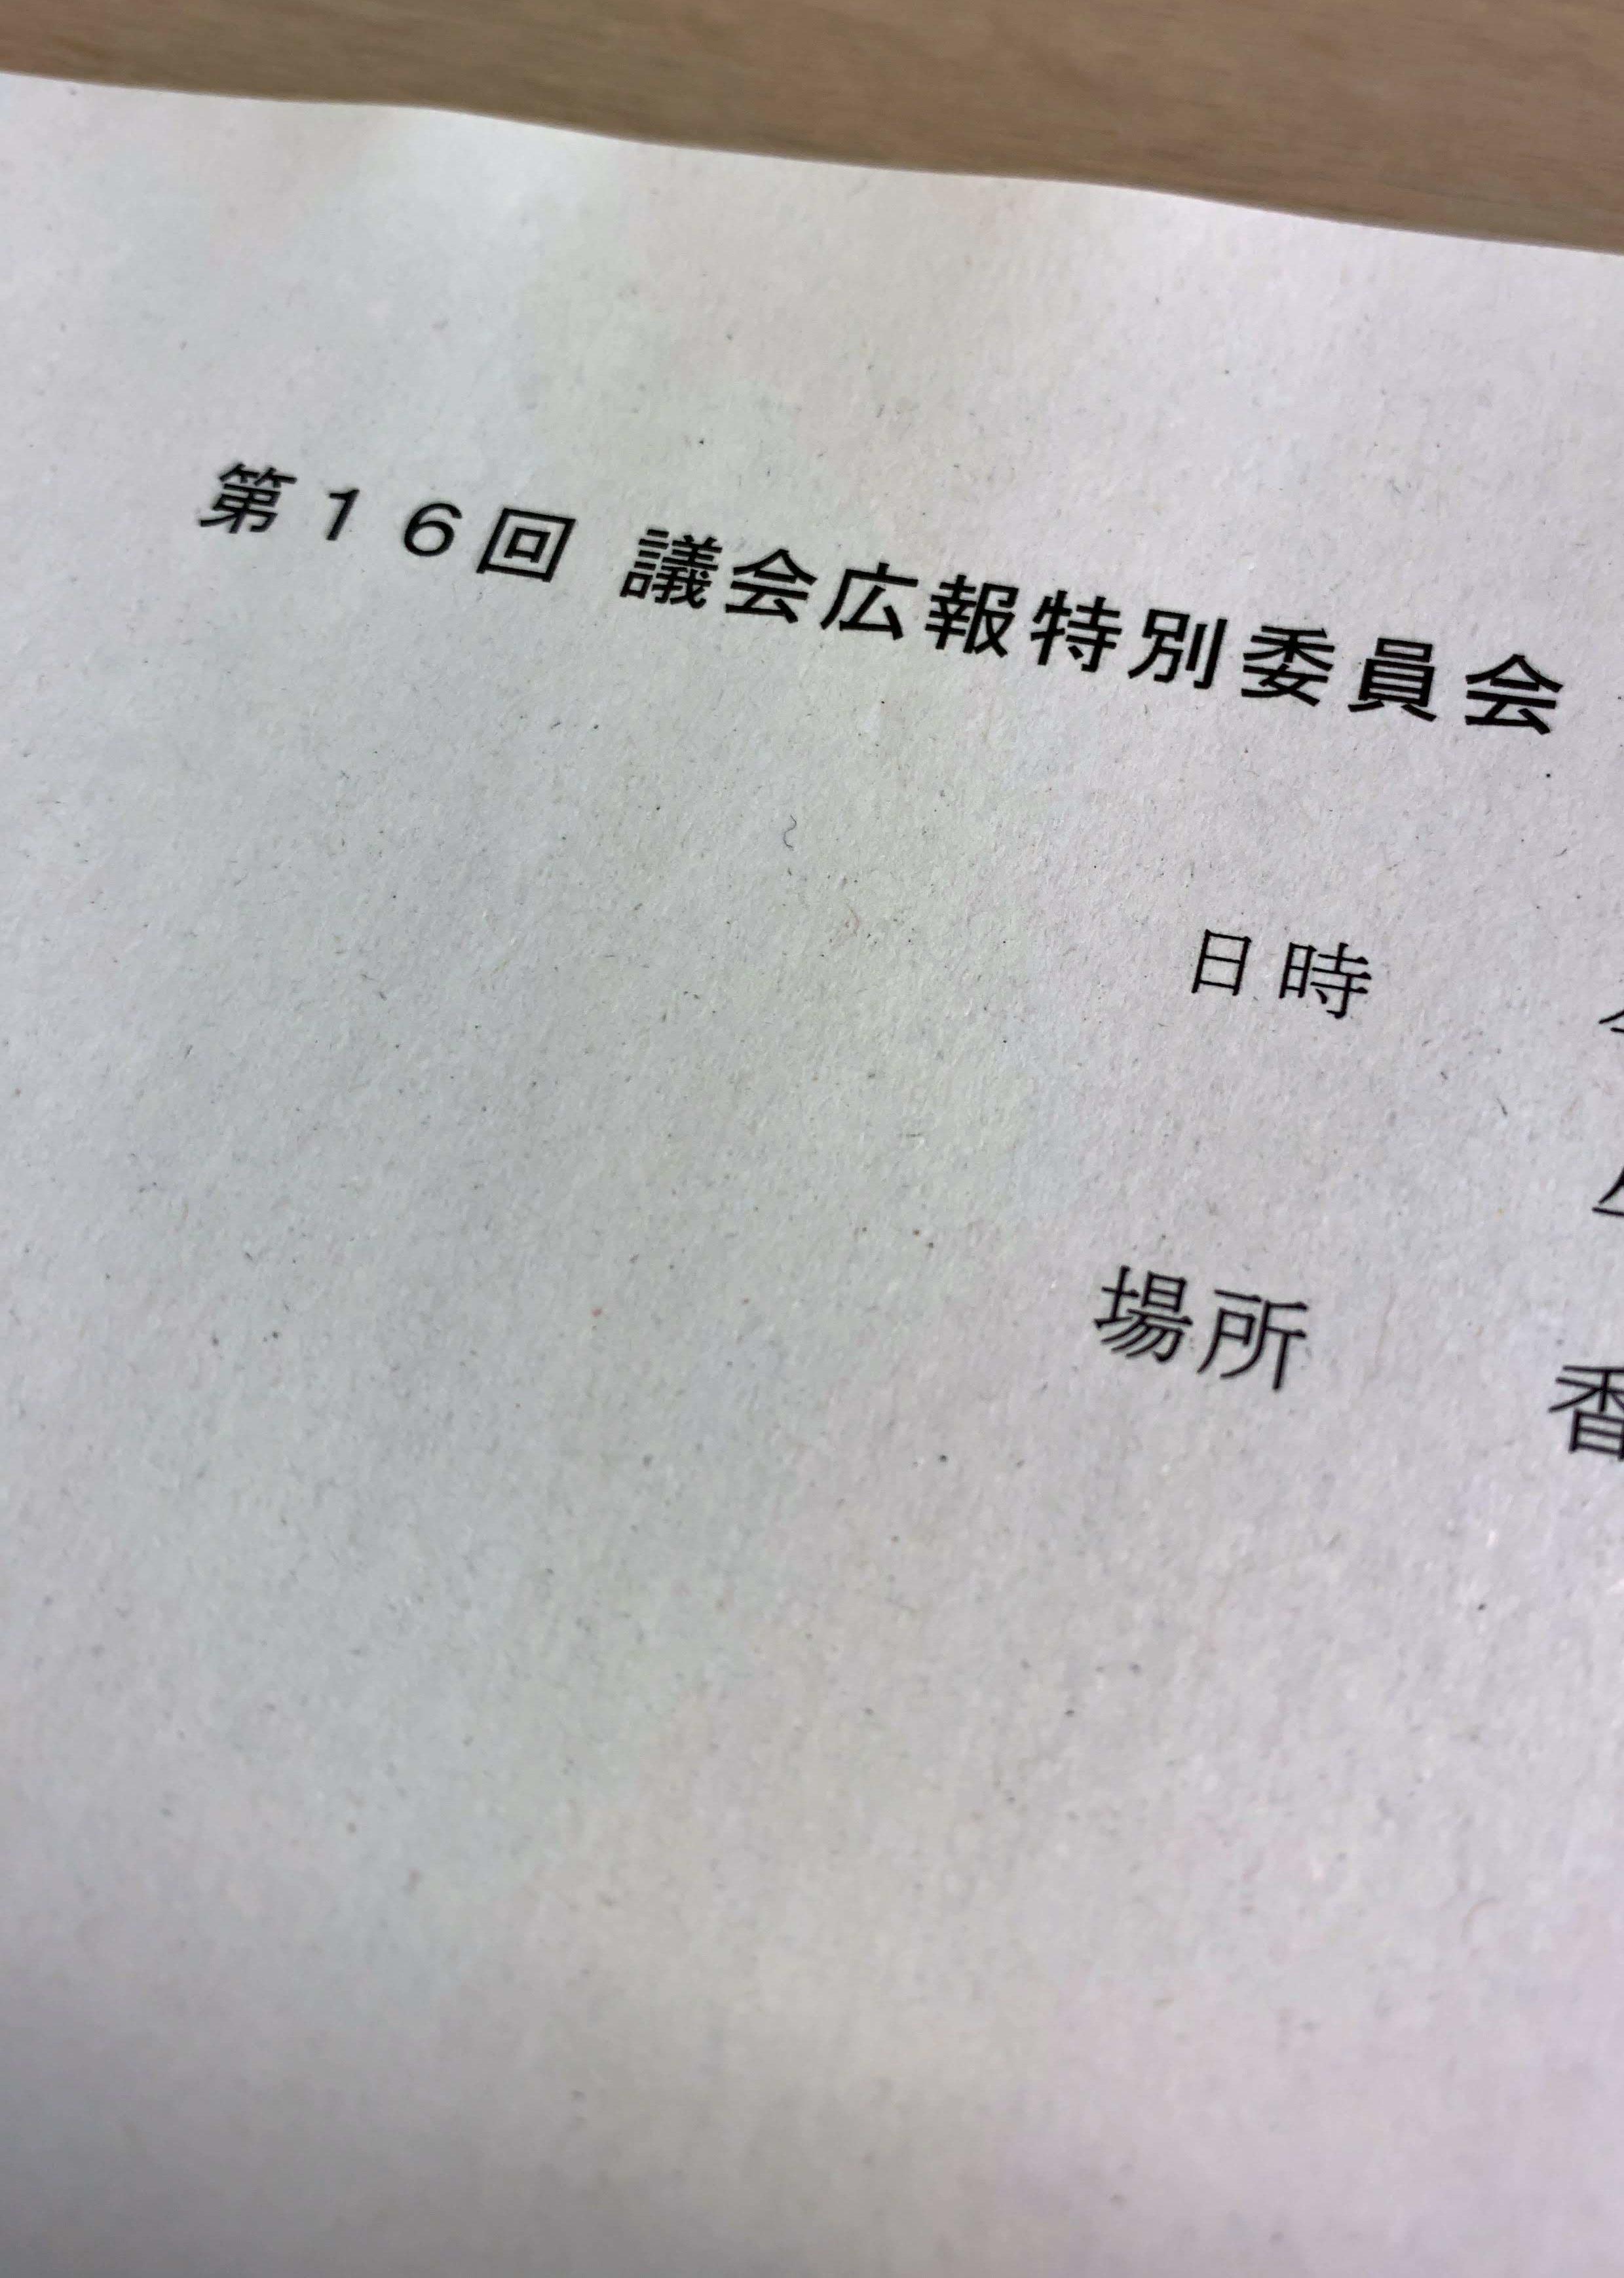 第16回議会広報特別委員会